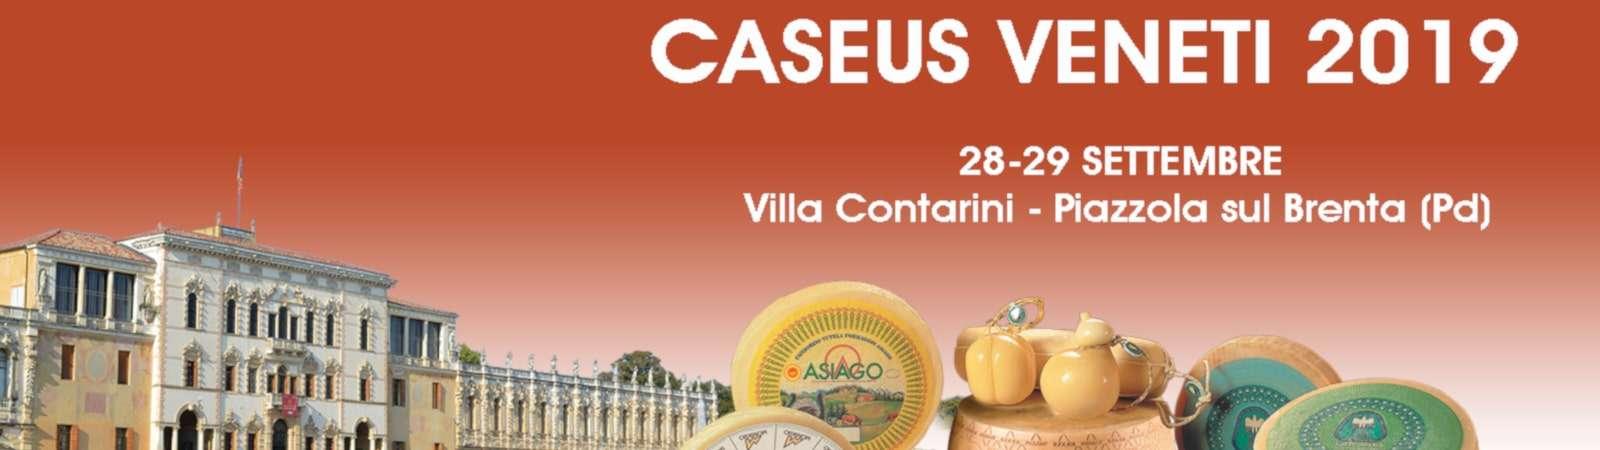 Caseus Veneti - XV edizione